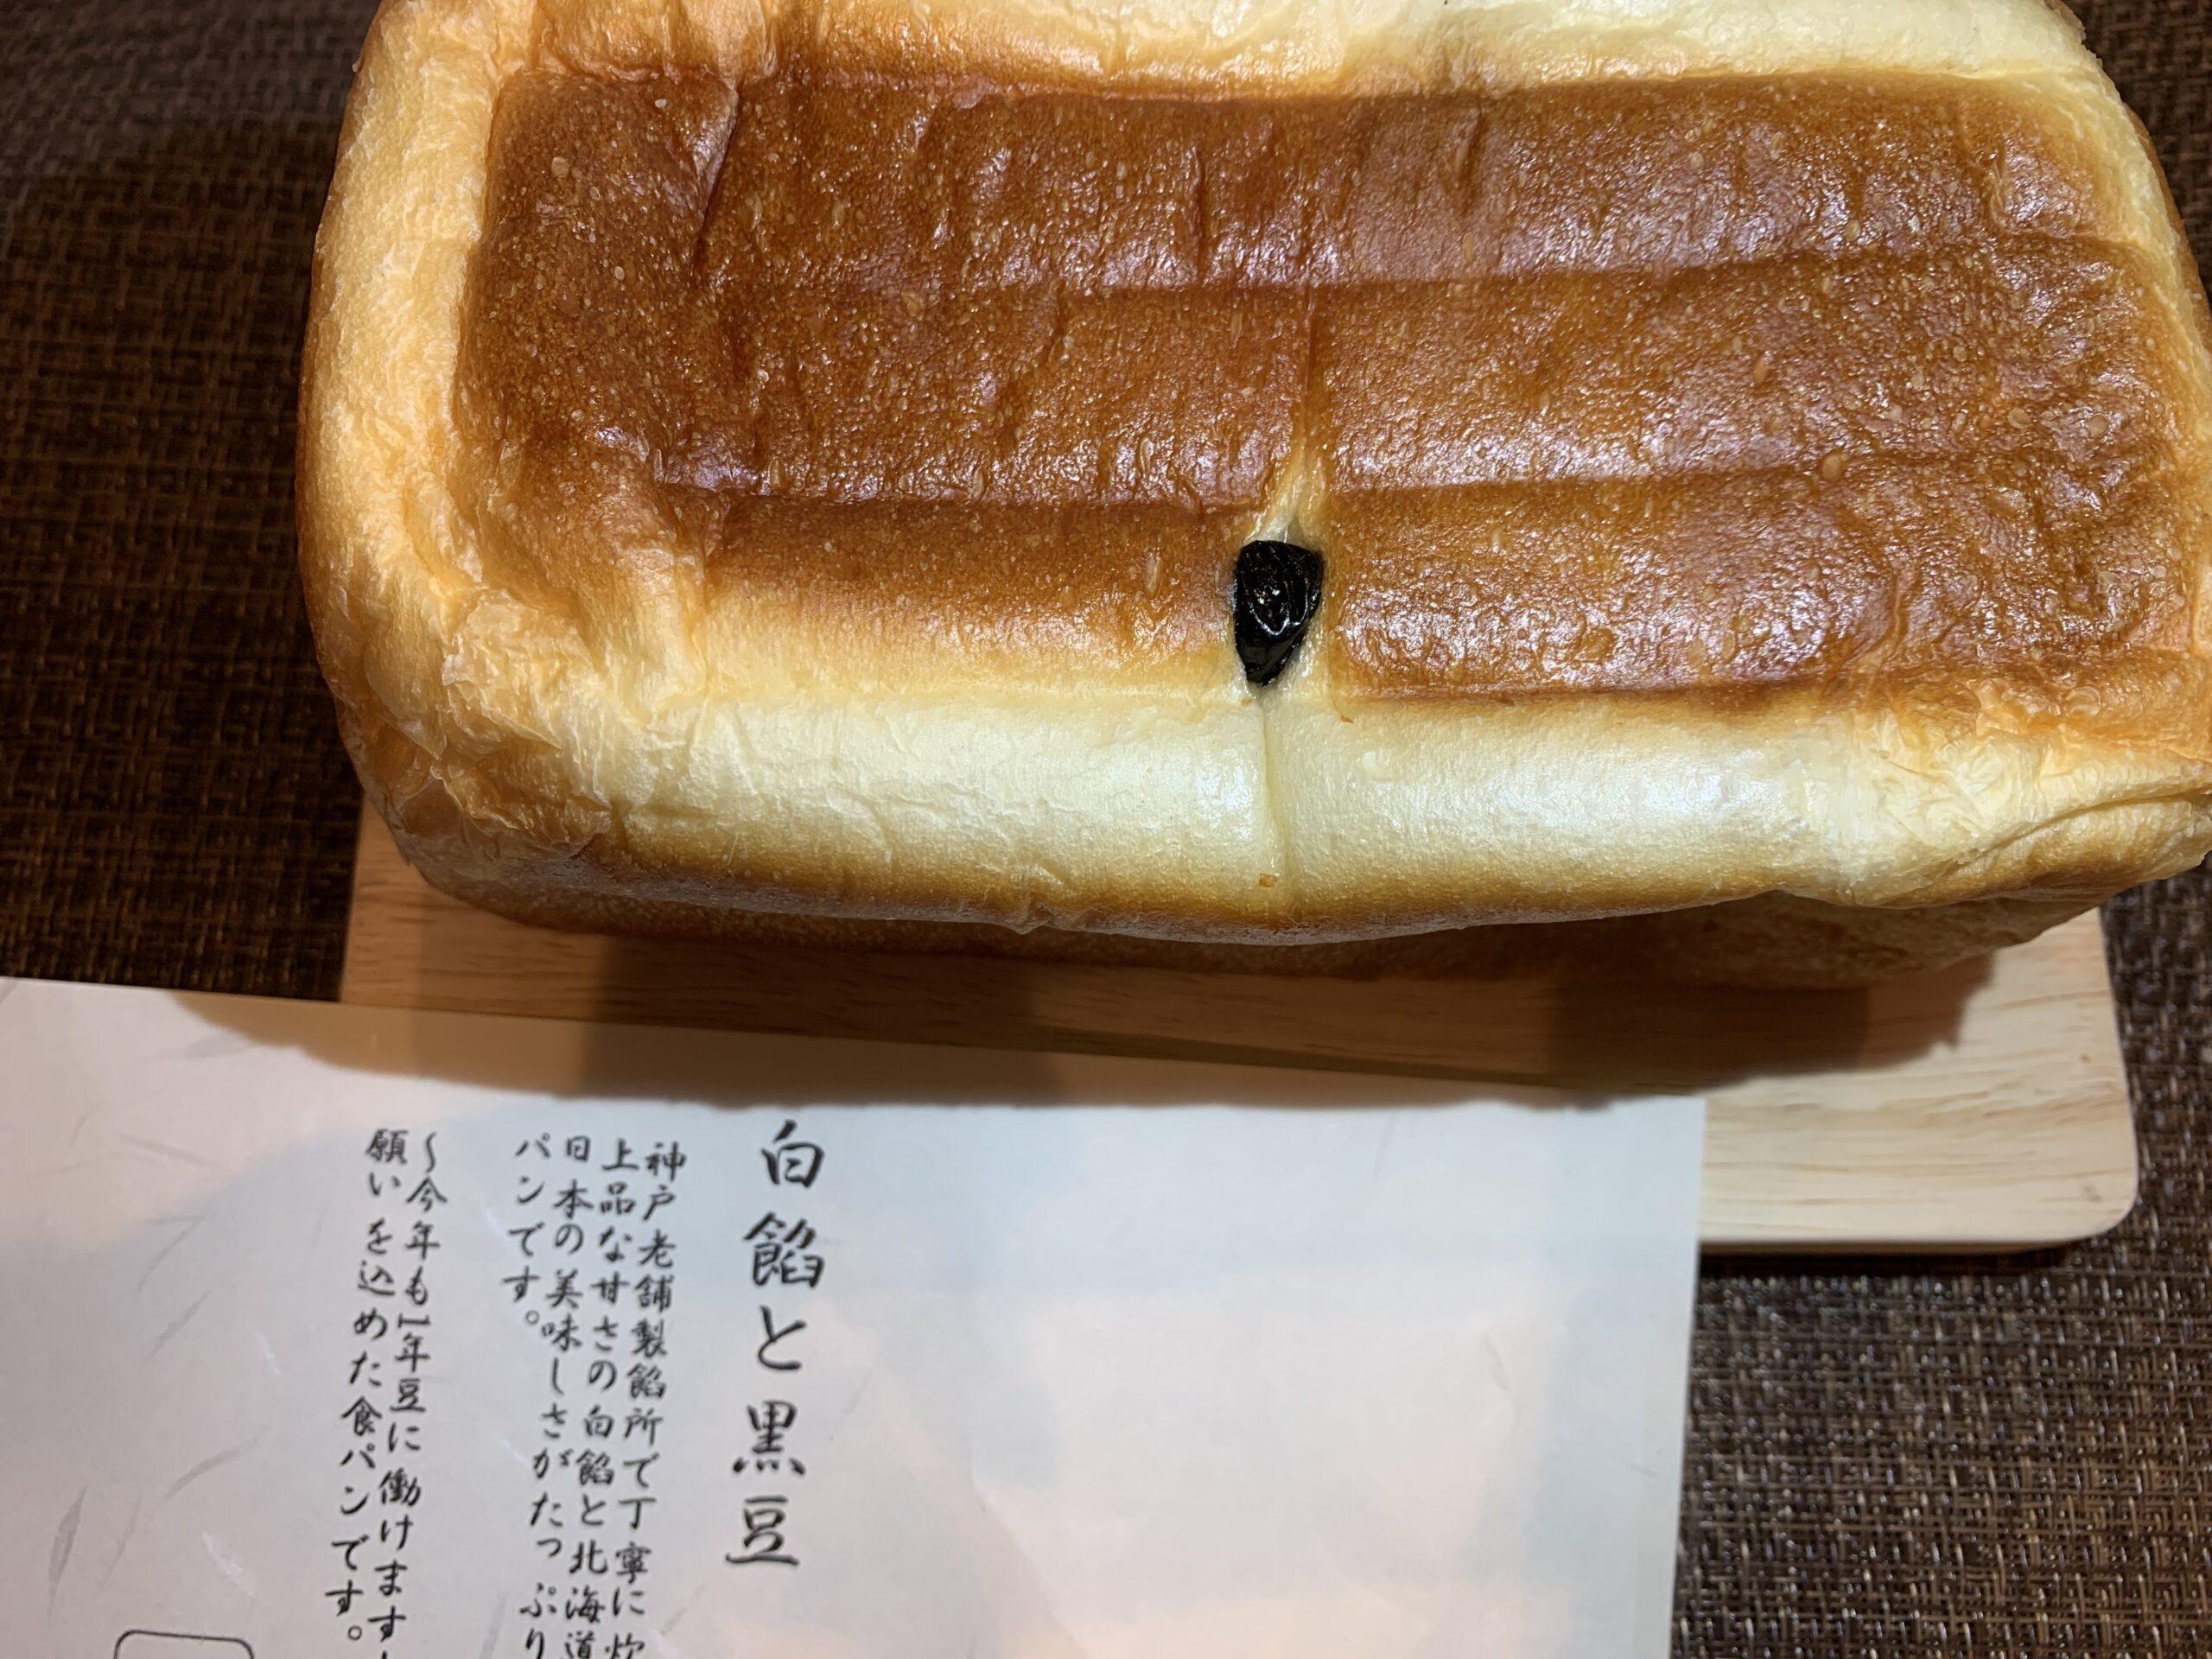 食パン専門店5+(ファイブプラス)白餡と黒豆&もち入りあん食パン